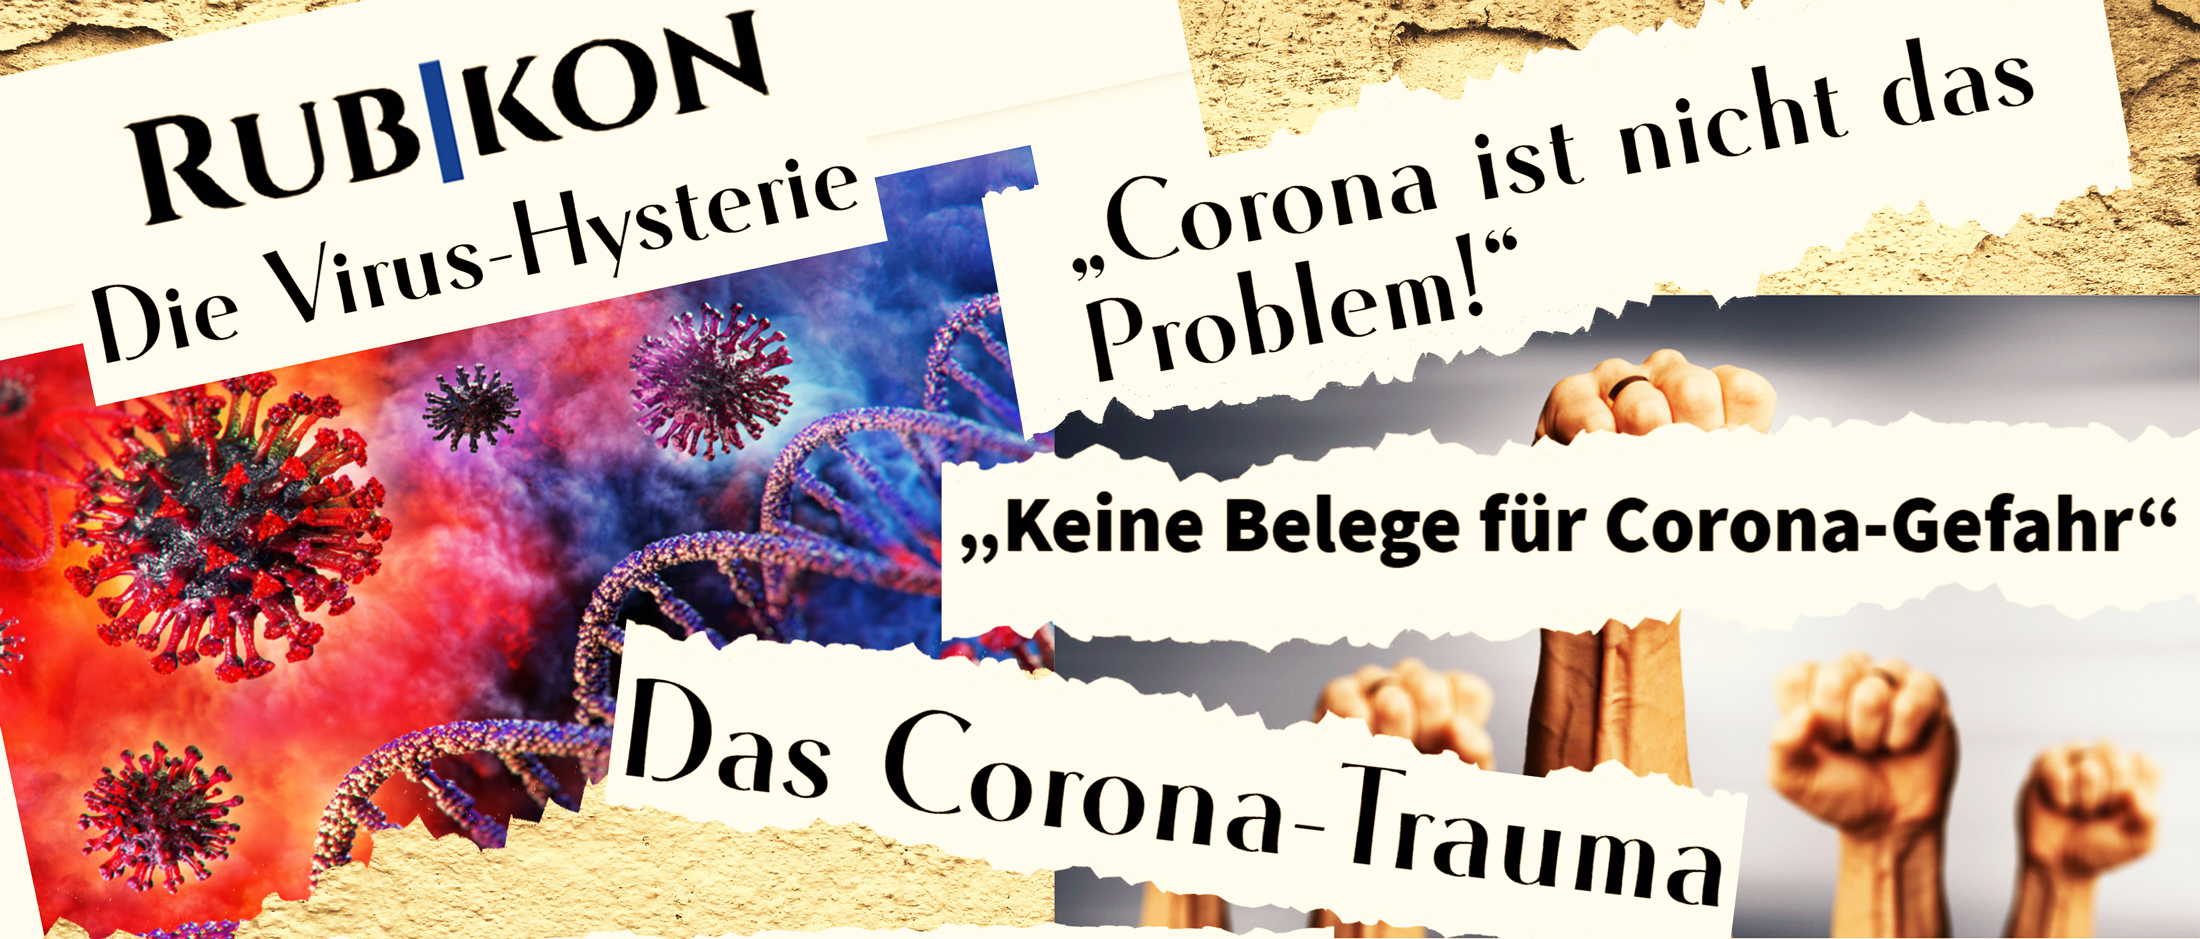 """Kritik des Rubikon in der Corona-Krise <br>  <span id='sec-title'>Die Pleite der """"alternativen Medien""""</span>"""